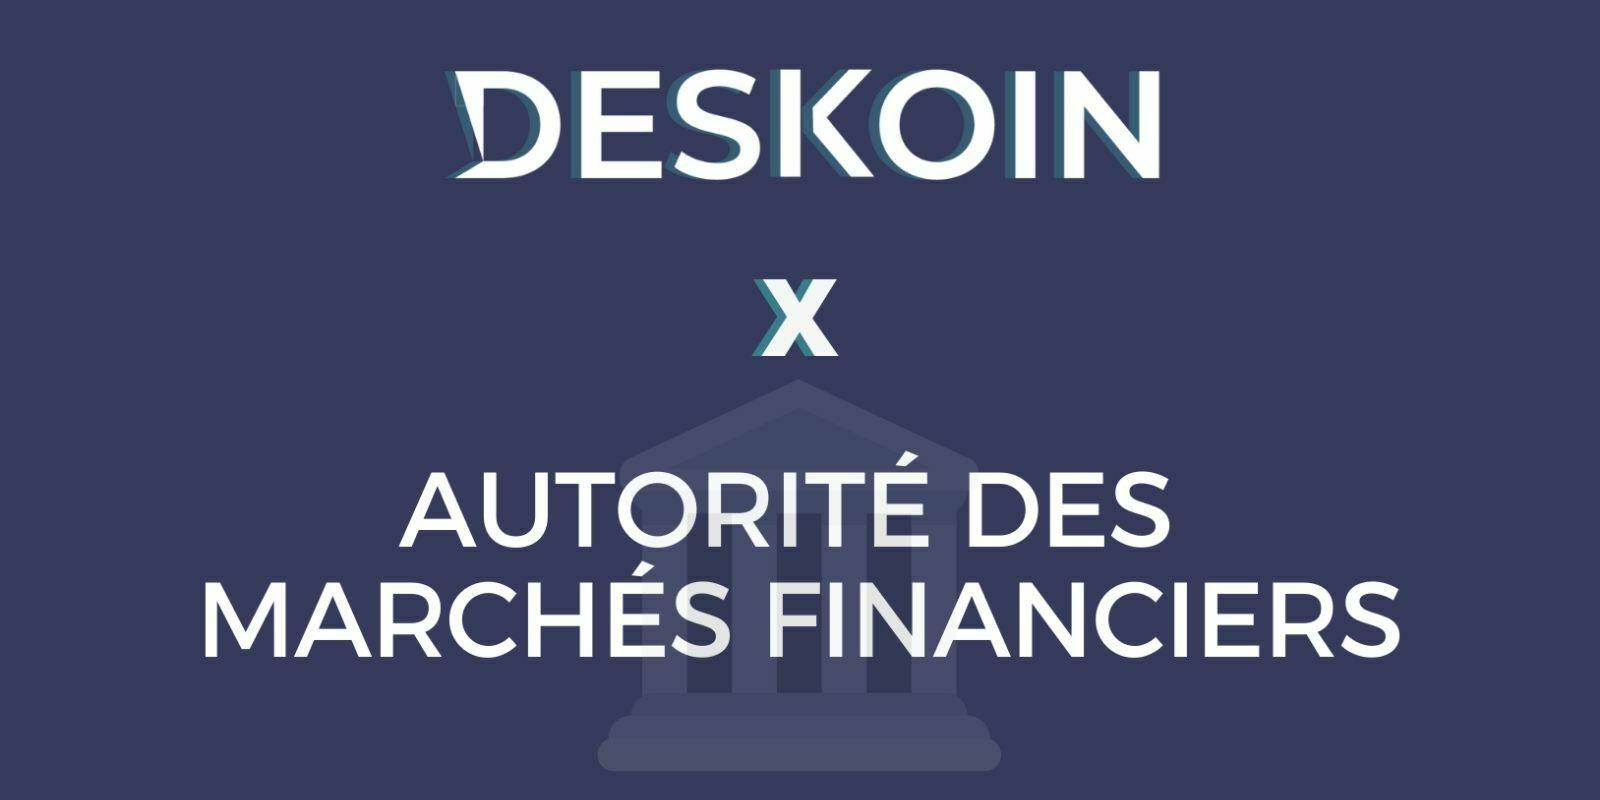 Deskoin obtient le statut PSAN et présente la nouvelle version de sa plateforme